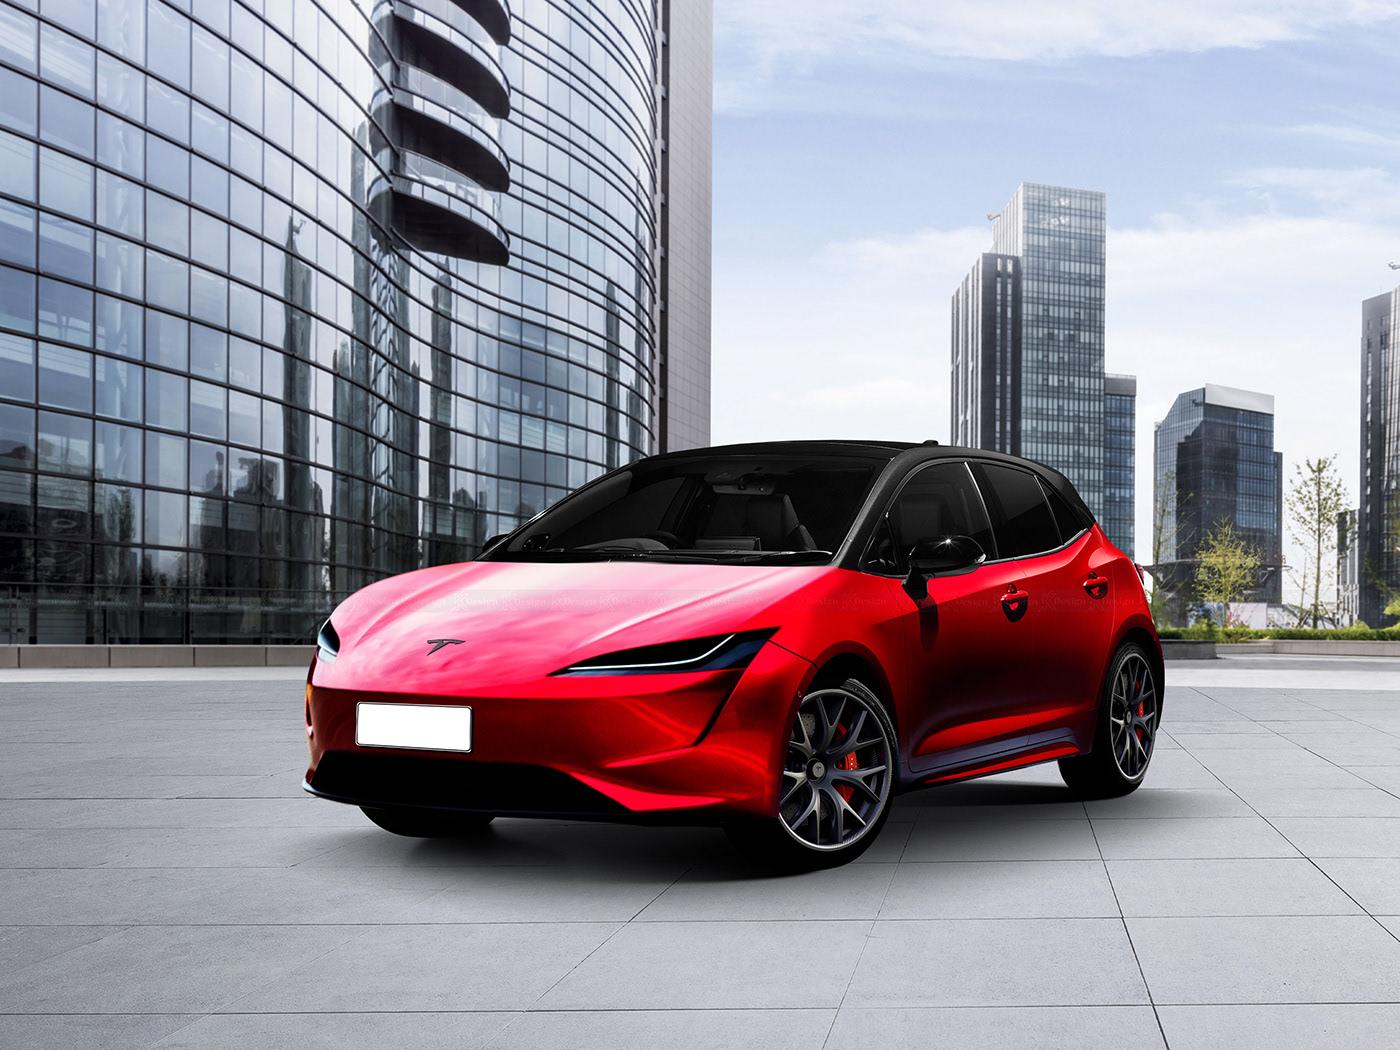 Самый дешёвый электромобиль Tesla появился на качественных изображениях (на самом деле нет)